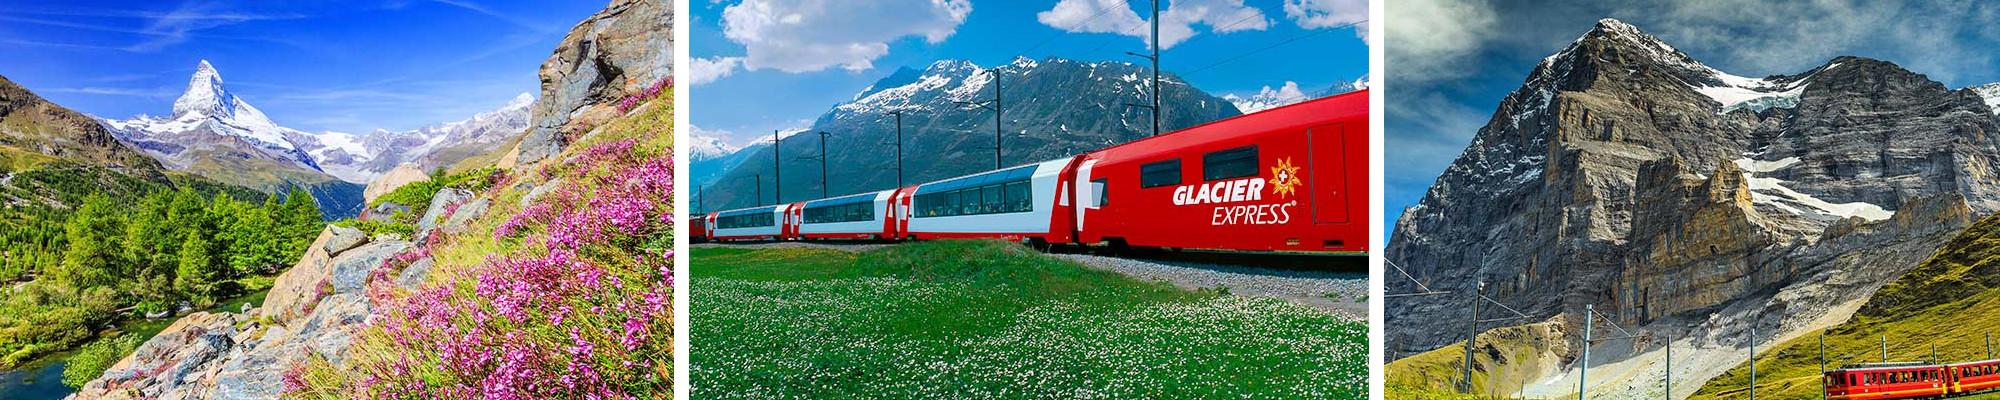 人気の氷河特急乗車つき!弾丸スイス3日間